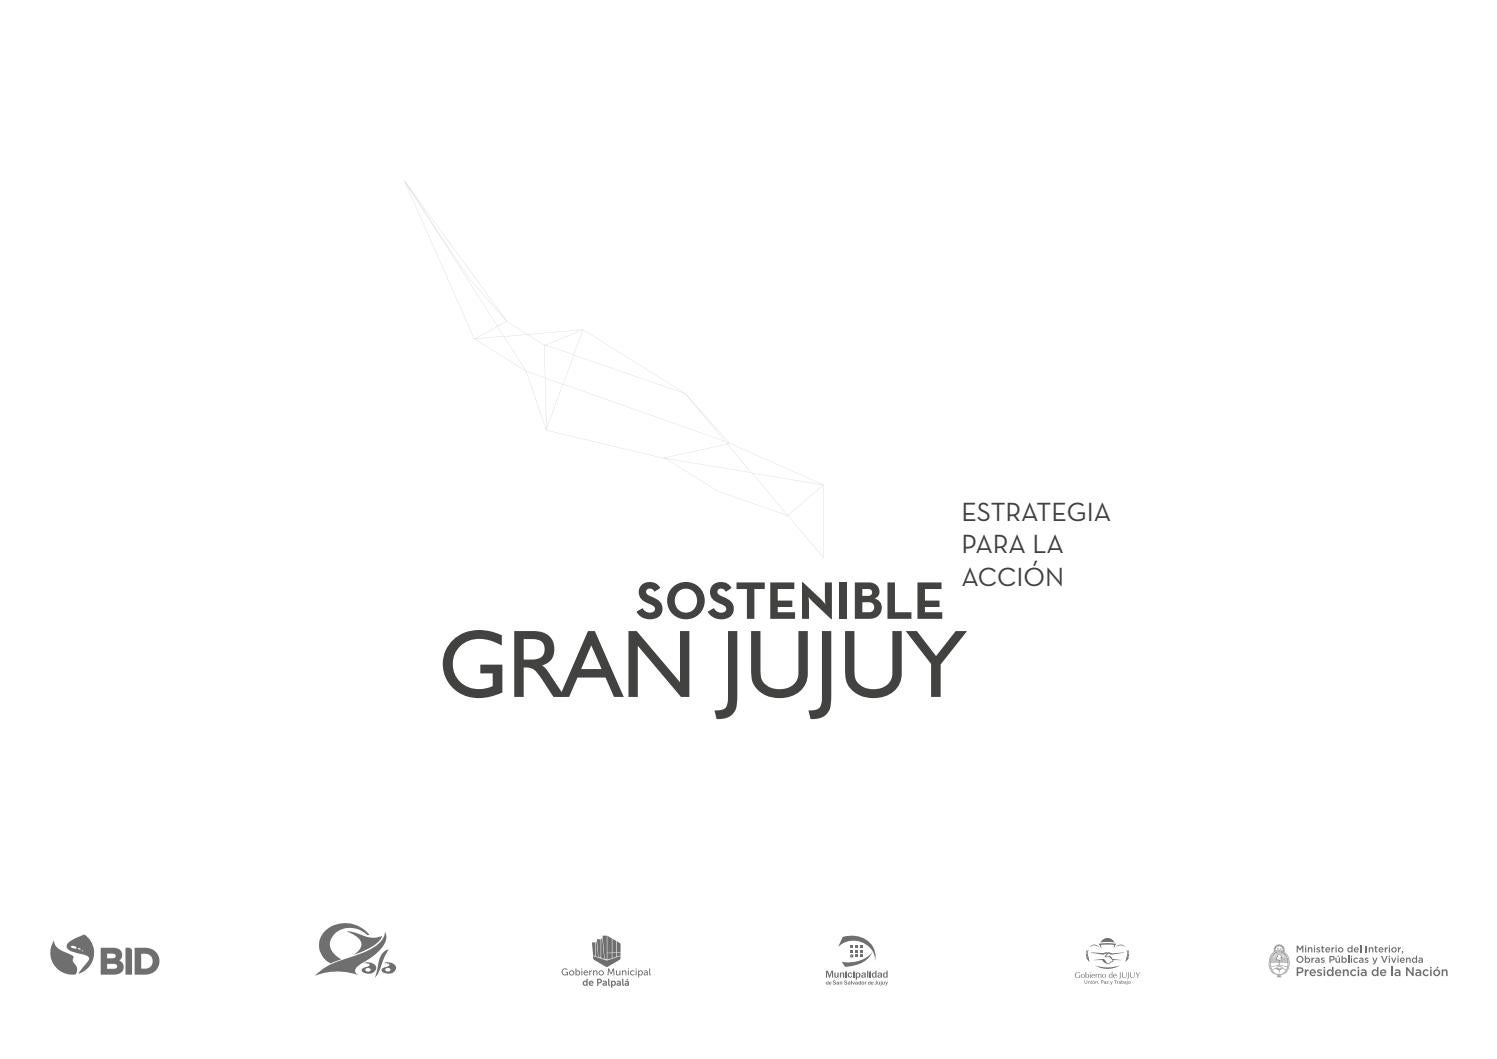 Sostenible Gran Jujuy Estrategia Para La Acción By Bid